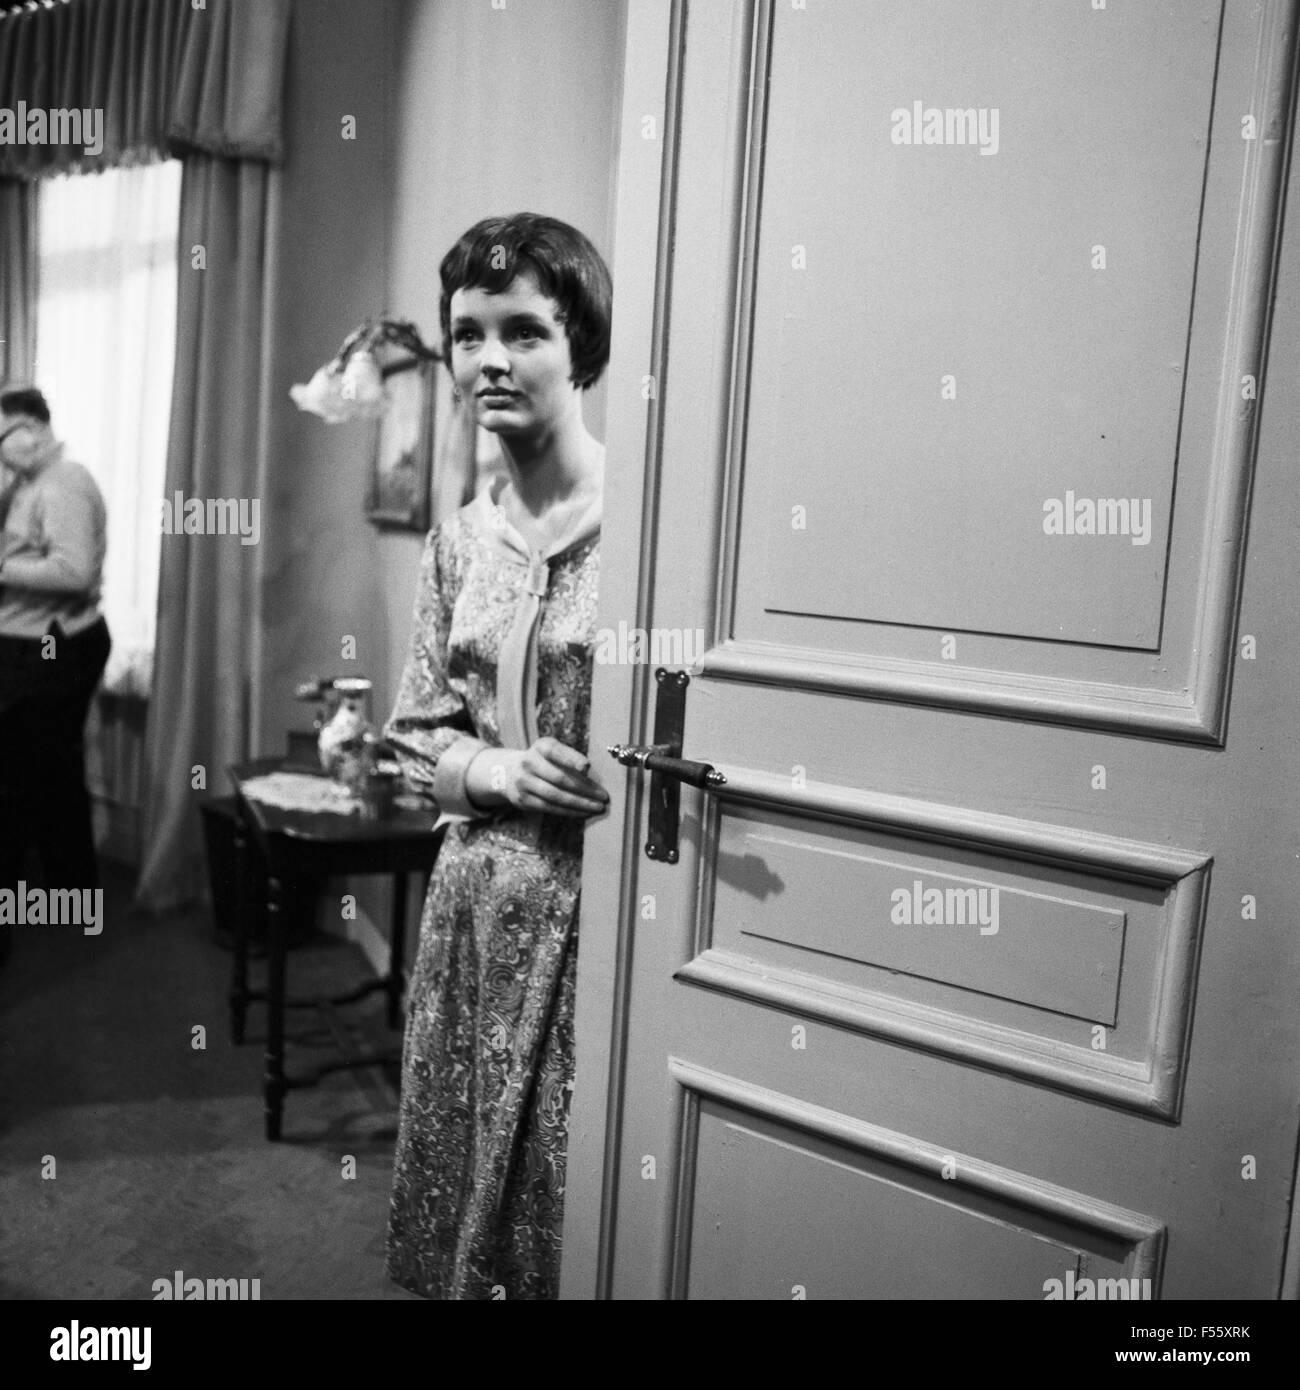 Das berliner zimmer fernsehfilm deutschland 1968 regie korbinian stock photo royalty free - Berliner zimmer ...